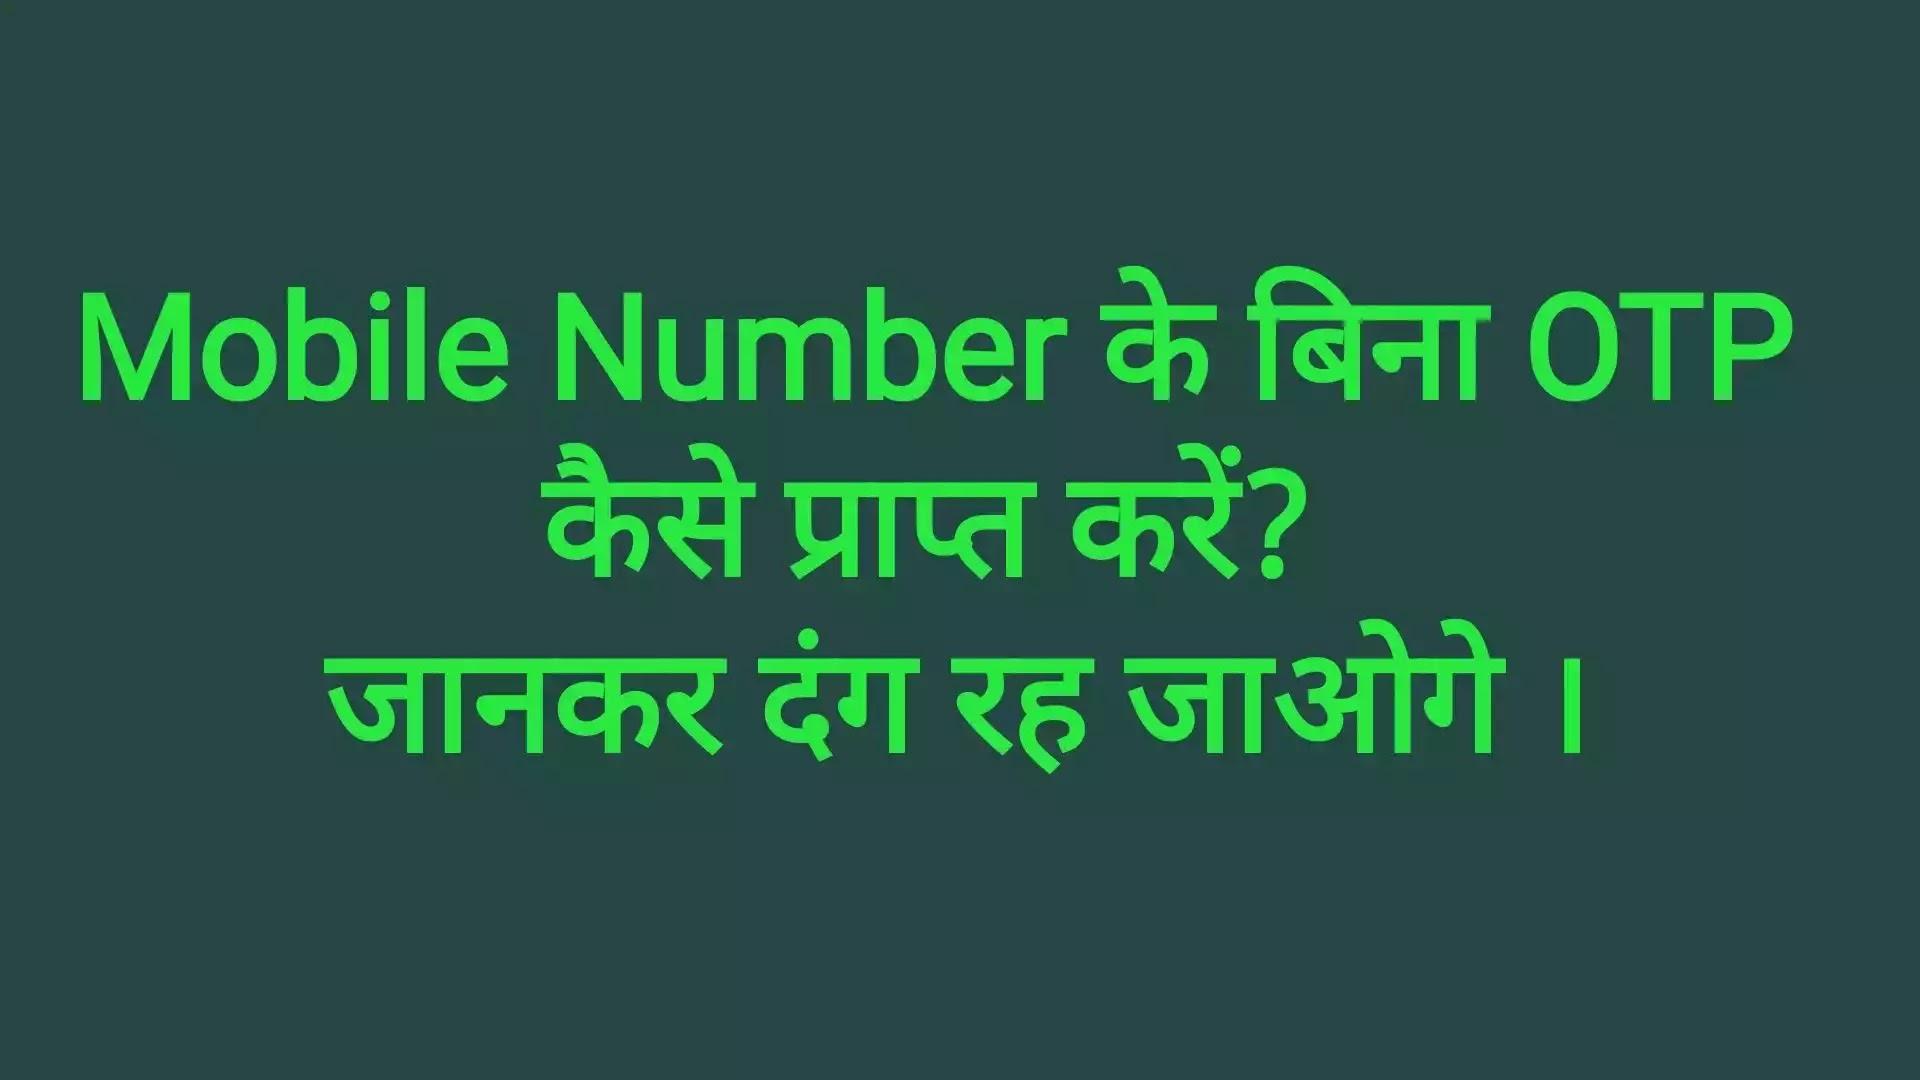 Mobile Number के बिना OTP कैसे प्राप्त करें (OTP BYPASS TRICK)